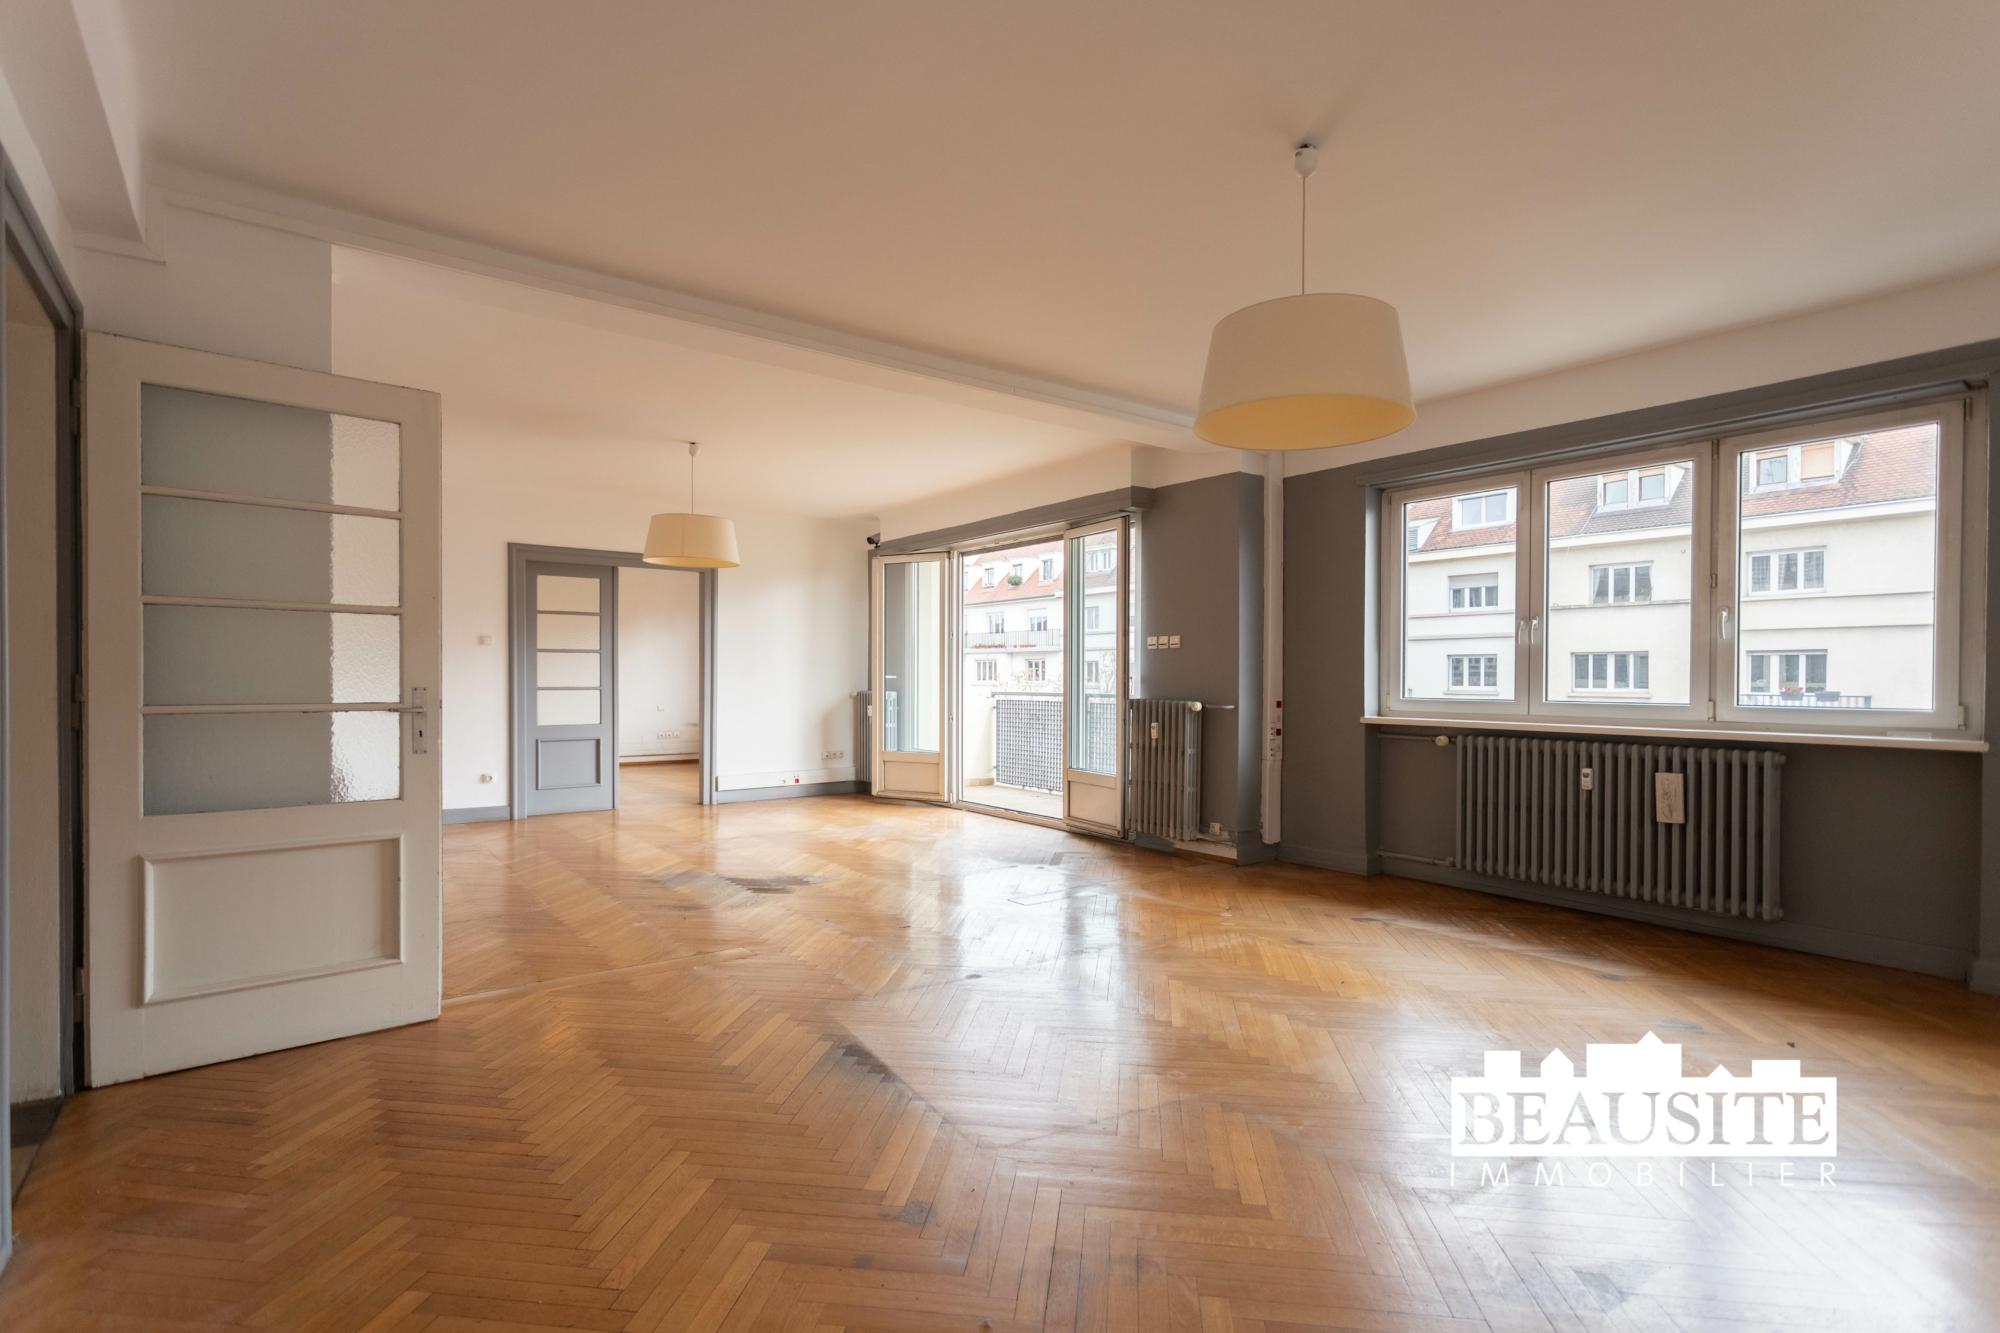 [Prosper] Le local professionnel qu'il vous faut… pour que votre activité prospère ! - Strasbourg / boulevard Wilson - nos ventes - Beausite Immobilier 1